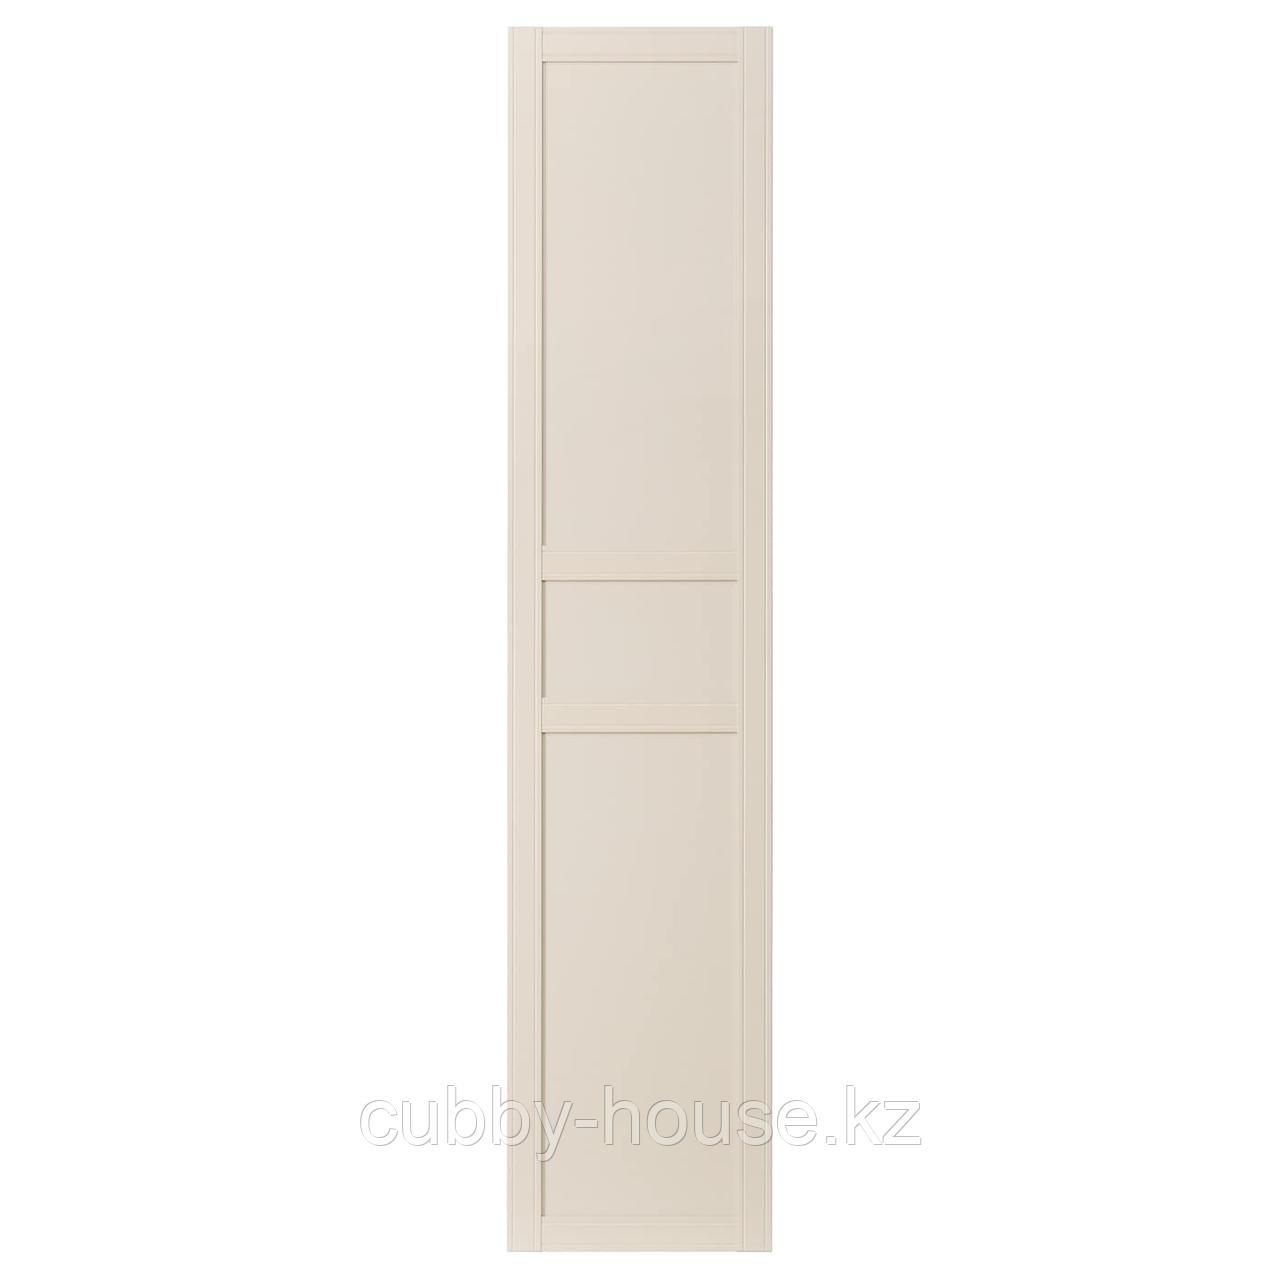 ФЛИСБЕРГЕТ Дверь, светло-бежевый, 50x229 см